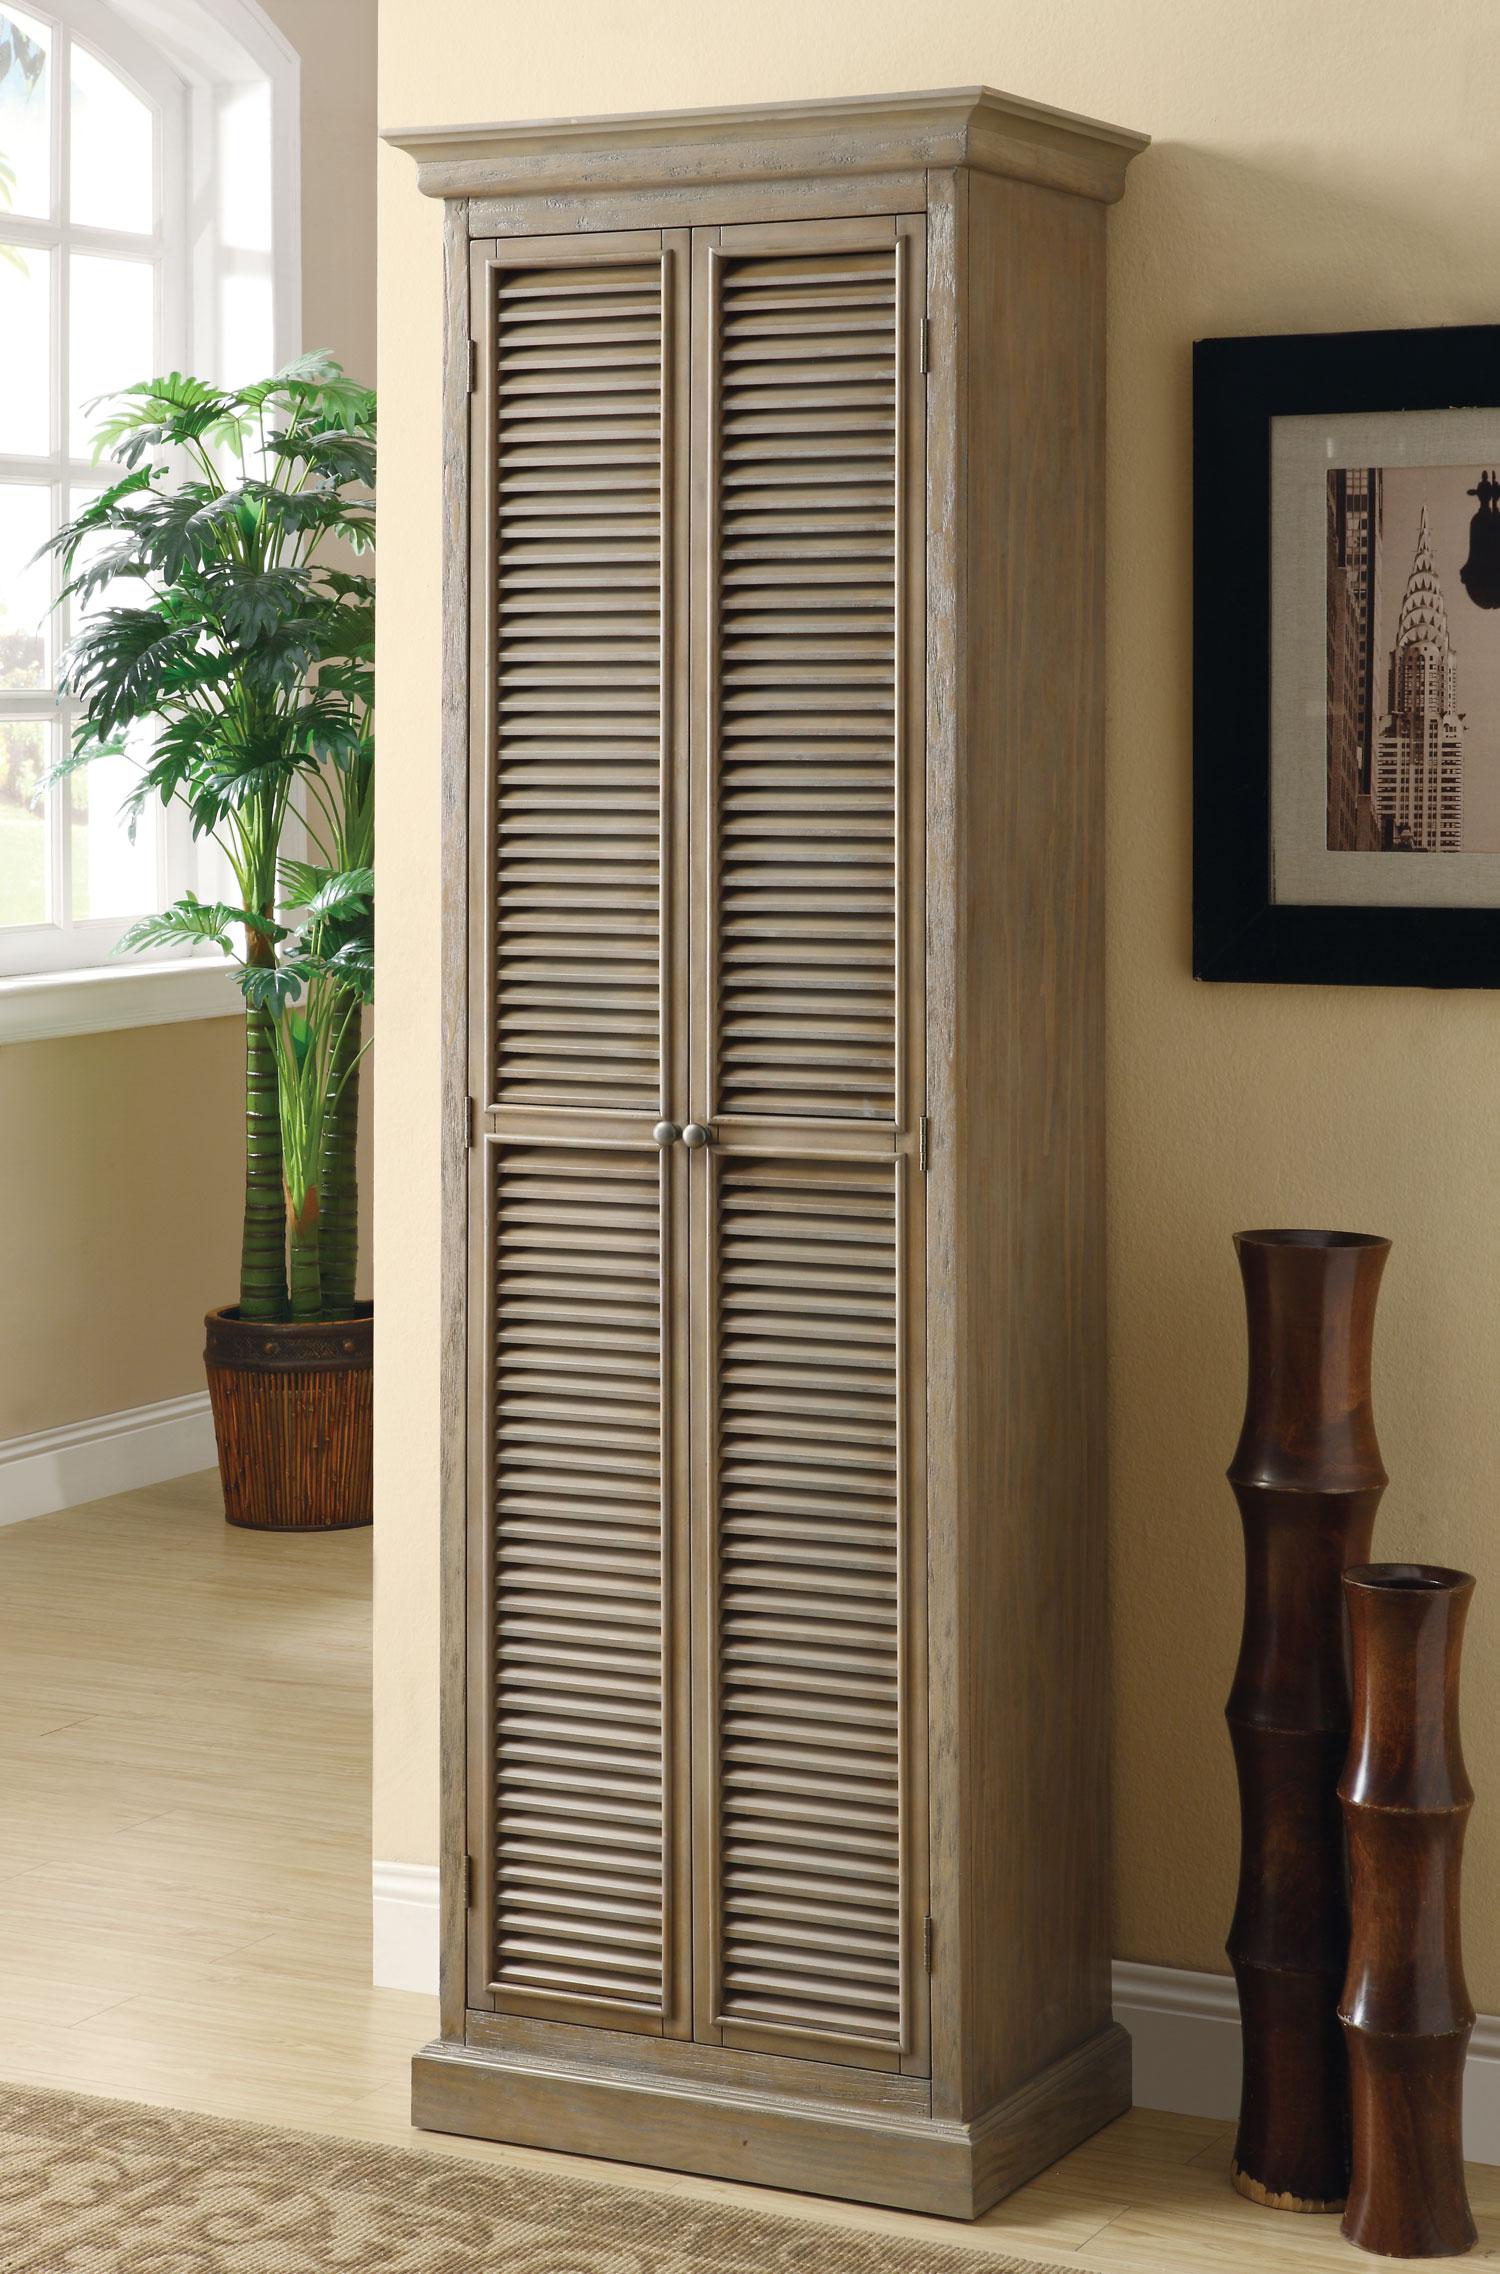 Шкаф-пенал с решеткой для вентиляции